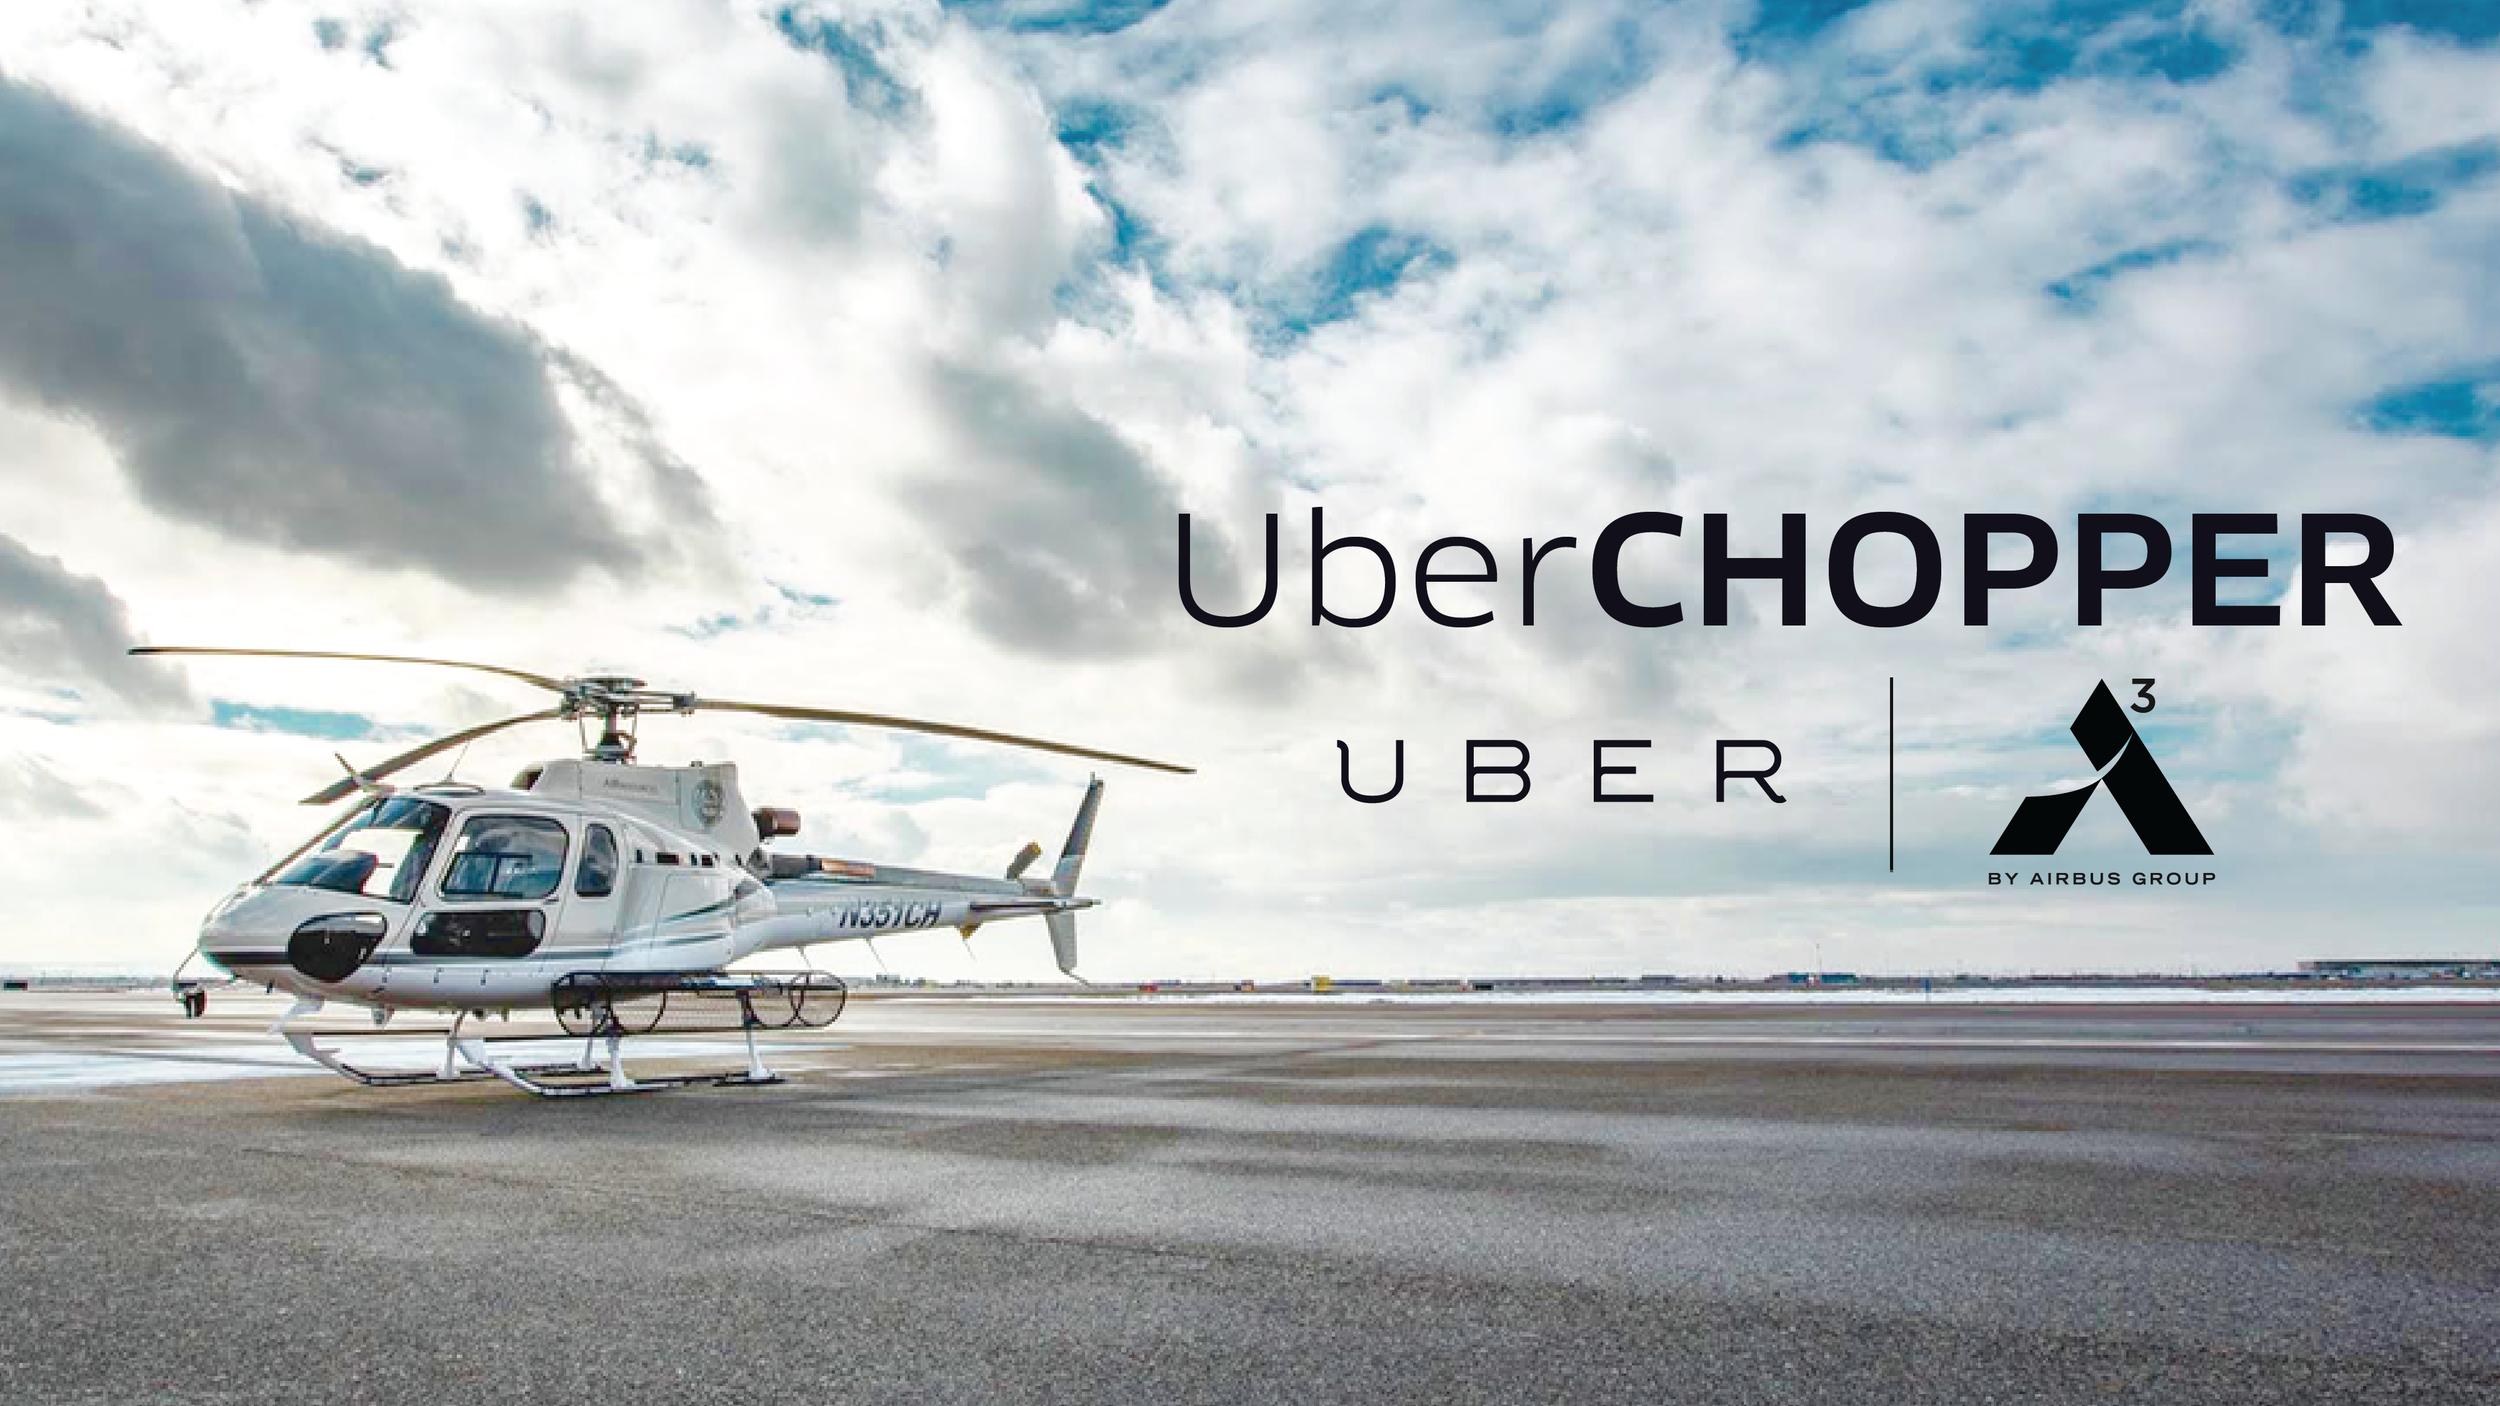 UberChopperBlog_FINAL-01.png